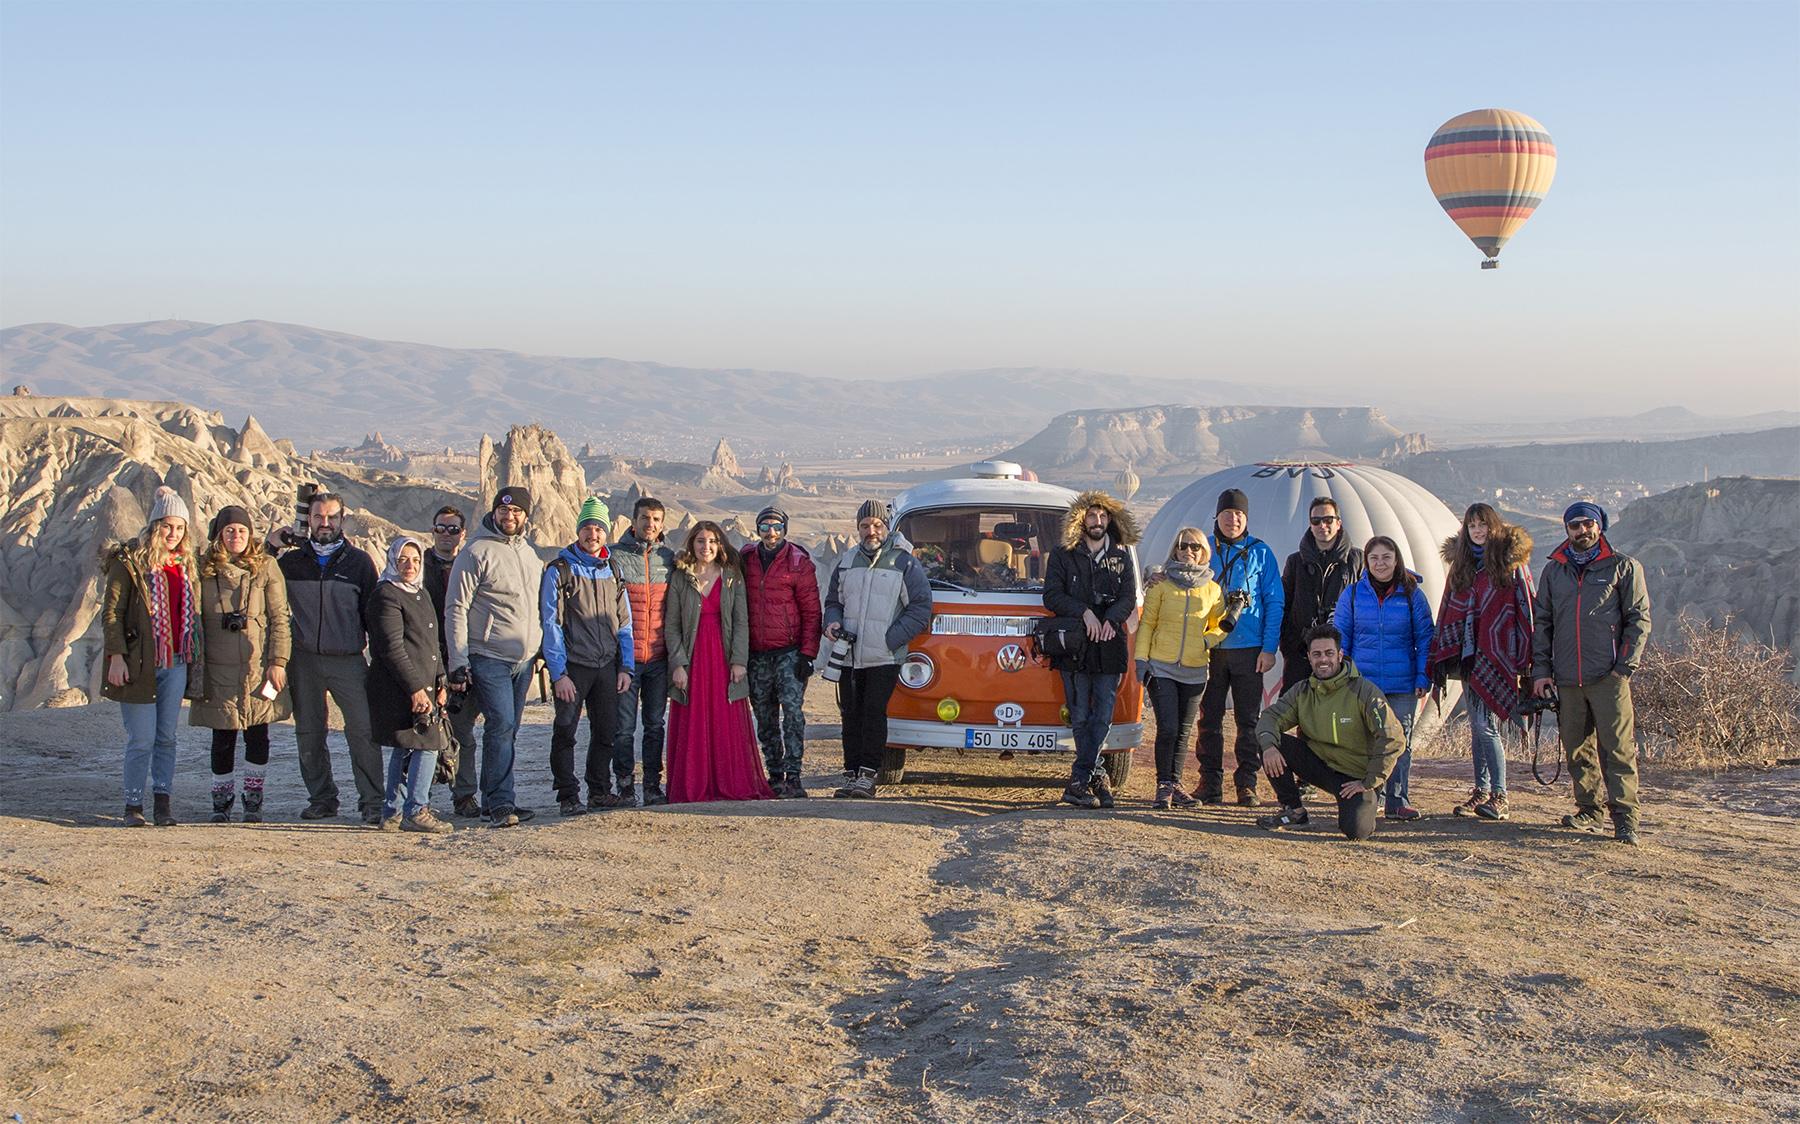 2017'nin Aralık Ayında yaptığımız Kapadokya, Kayseri ve Tuz Gölü fotoğraf gezisinden bir hatıra fotoğrafı.